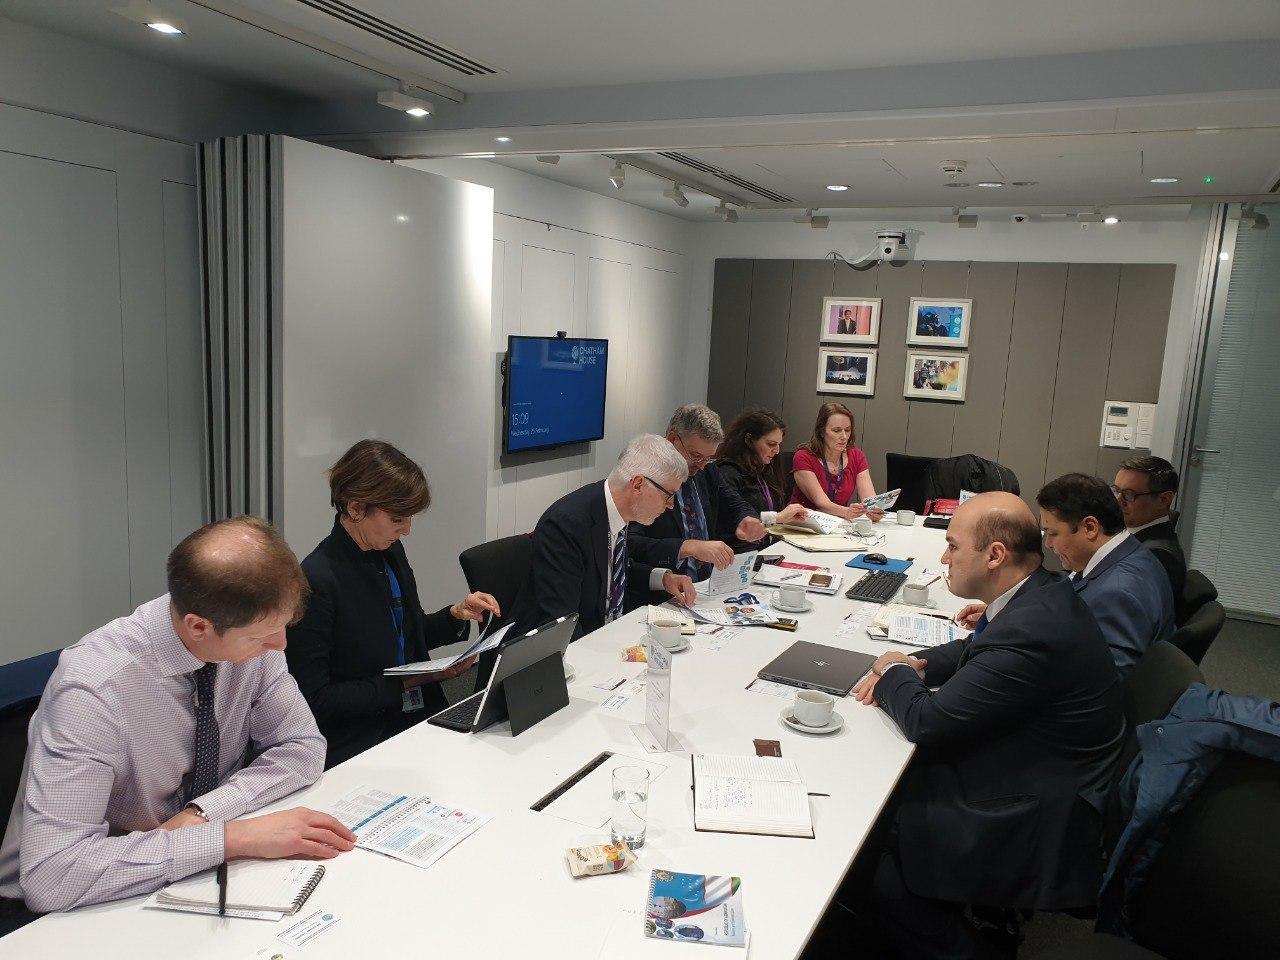 Встречи в Лондоне: узбекские эксперты встретились с коллегами из британских аналитических центров